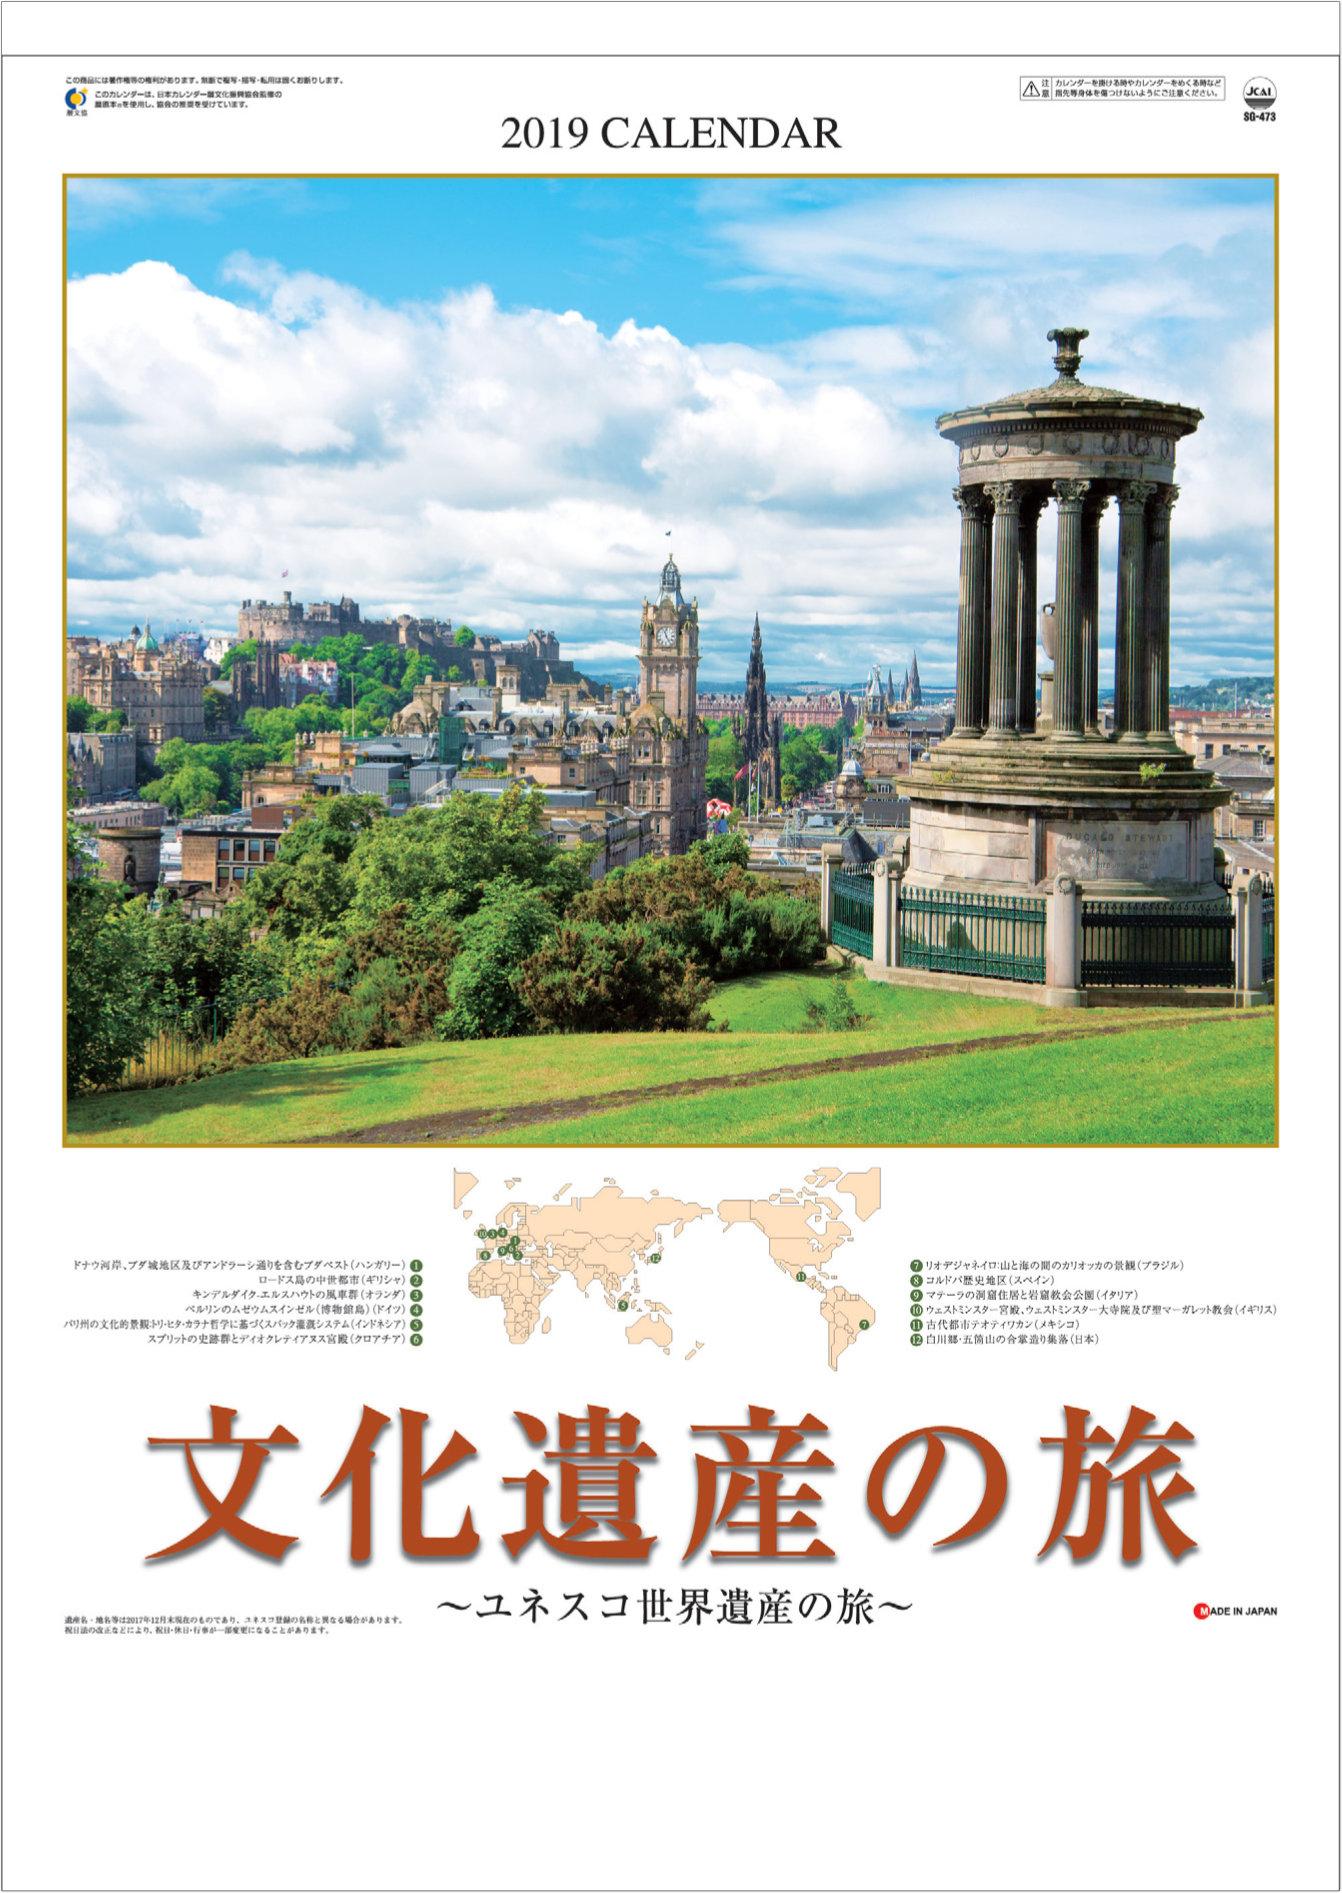 表紙 文化遺産の旅(ユネスコ世界遺産) 2019年カレンダーの画像